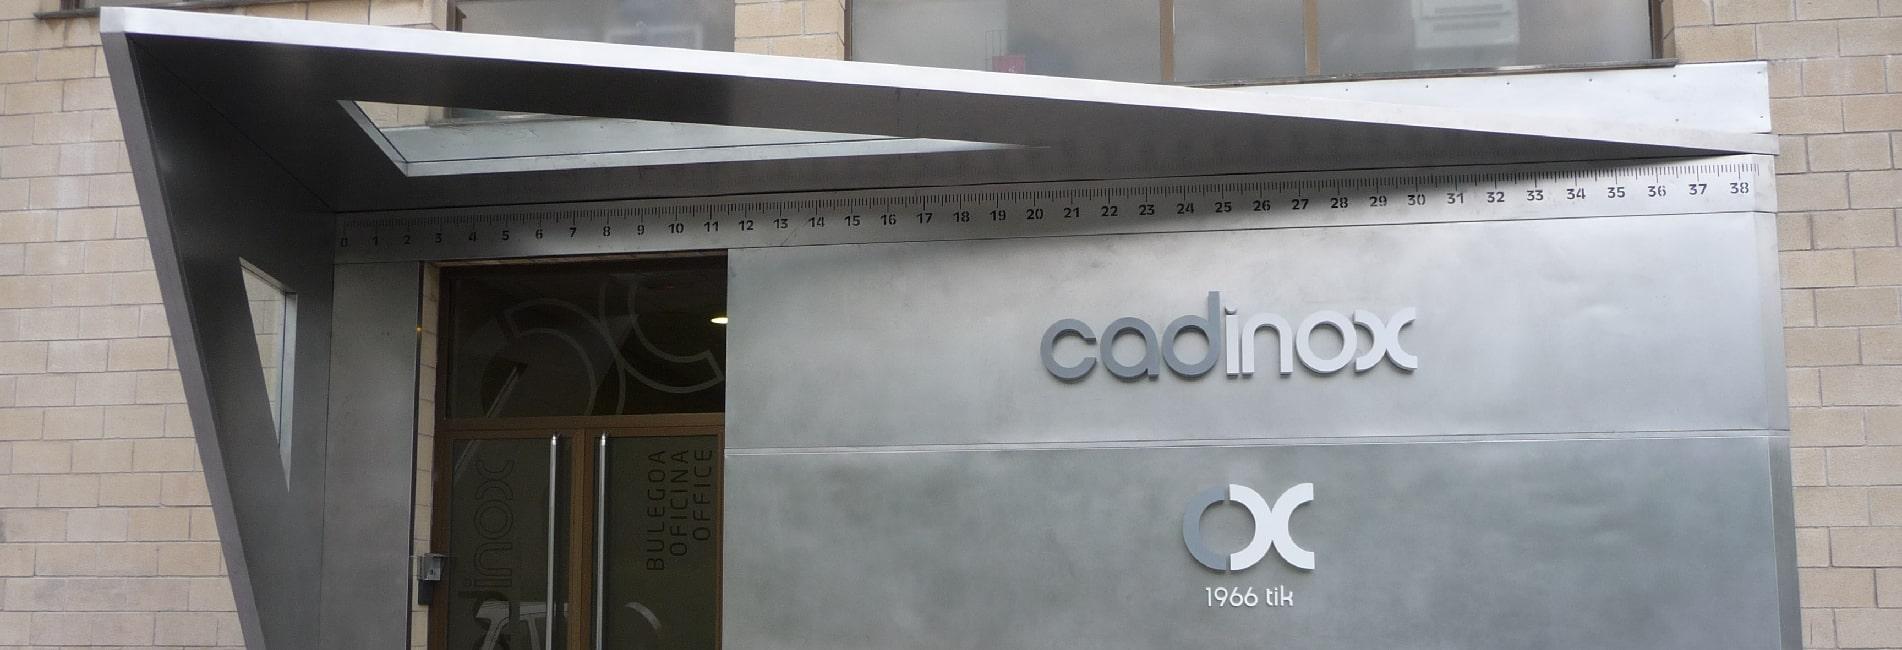 Trabajo realizado para la empresa CADINOX